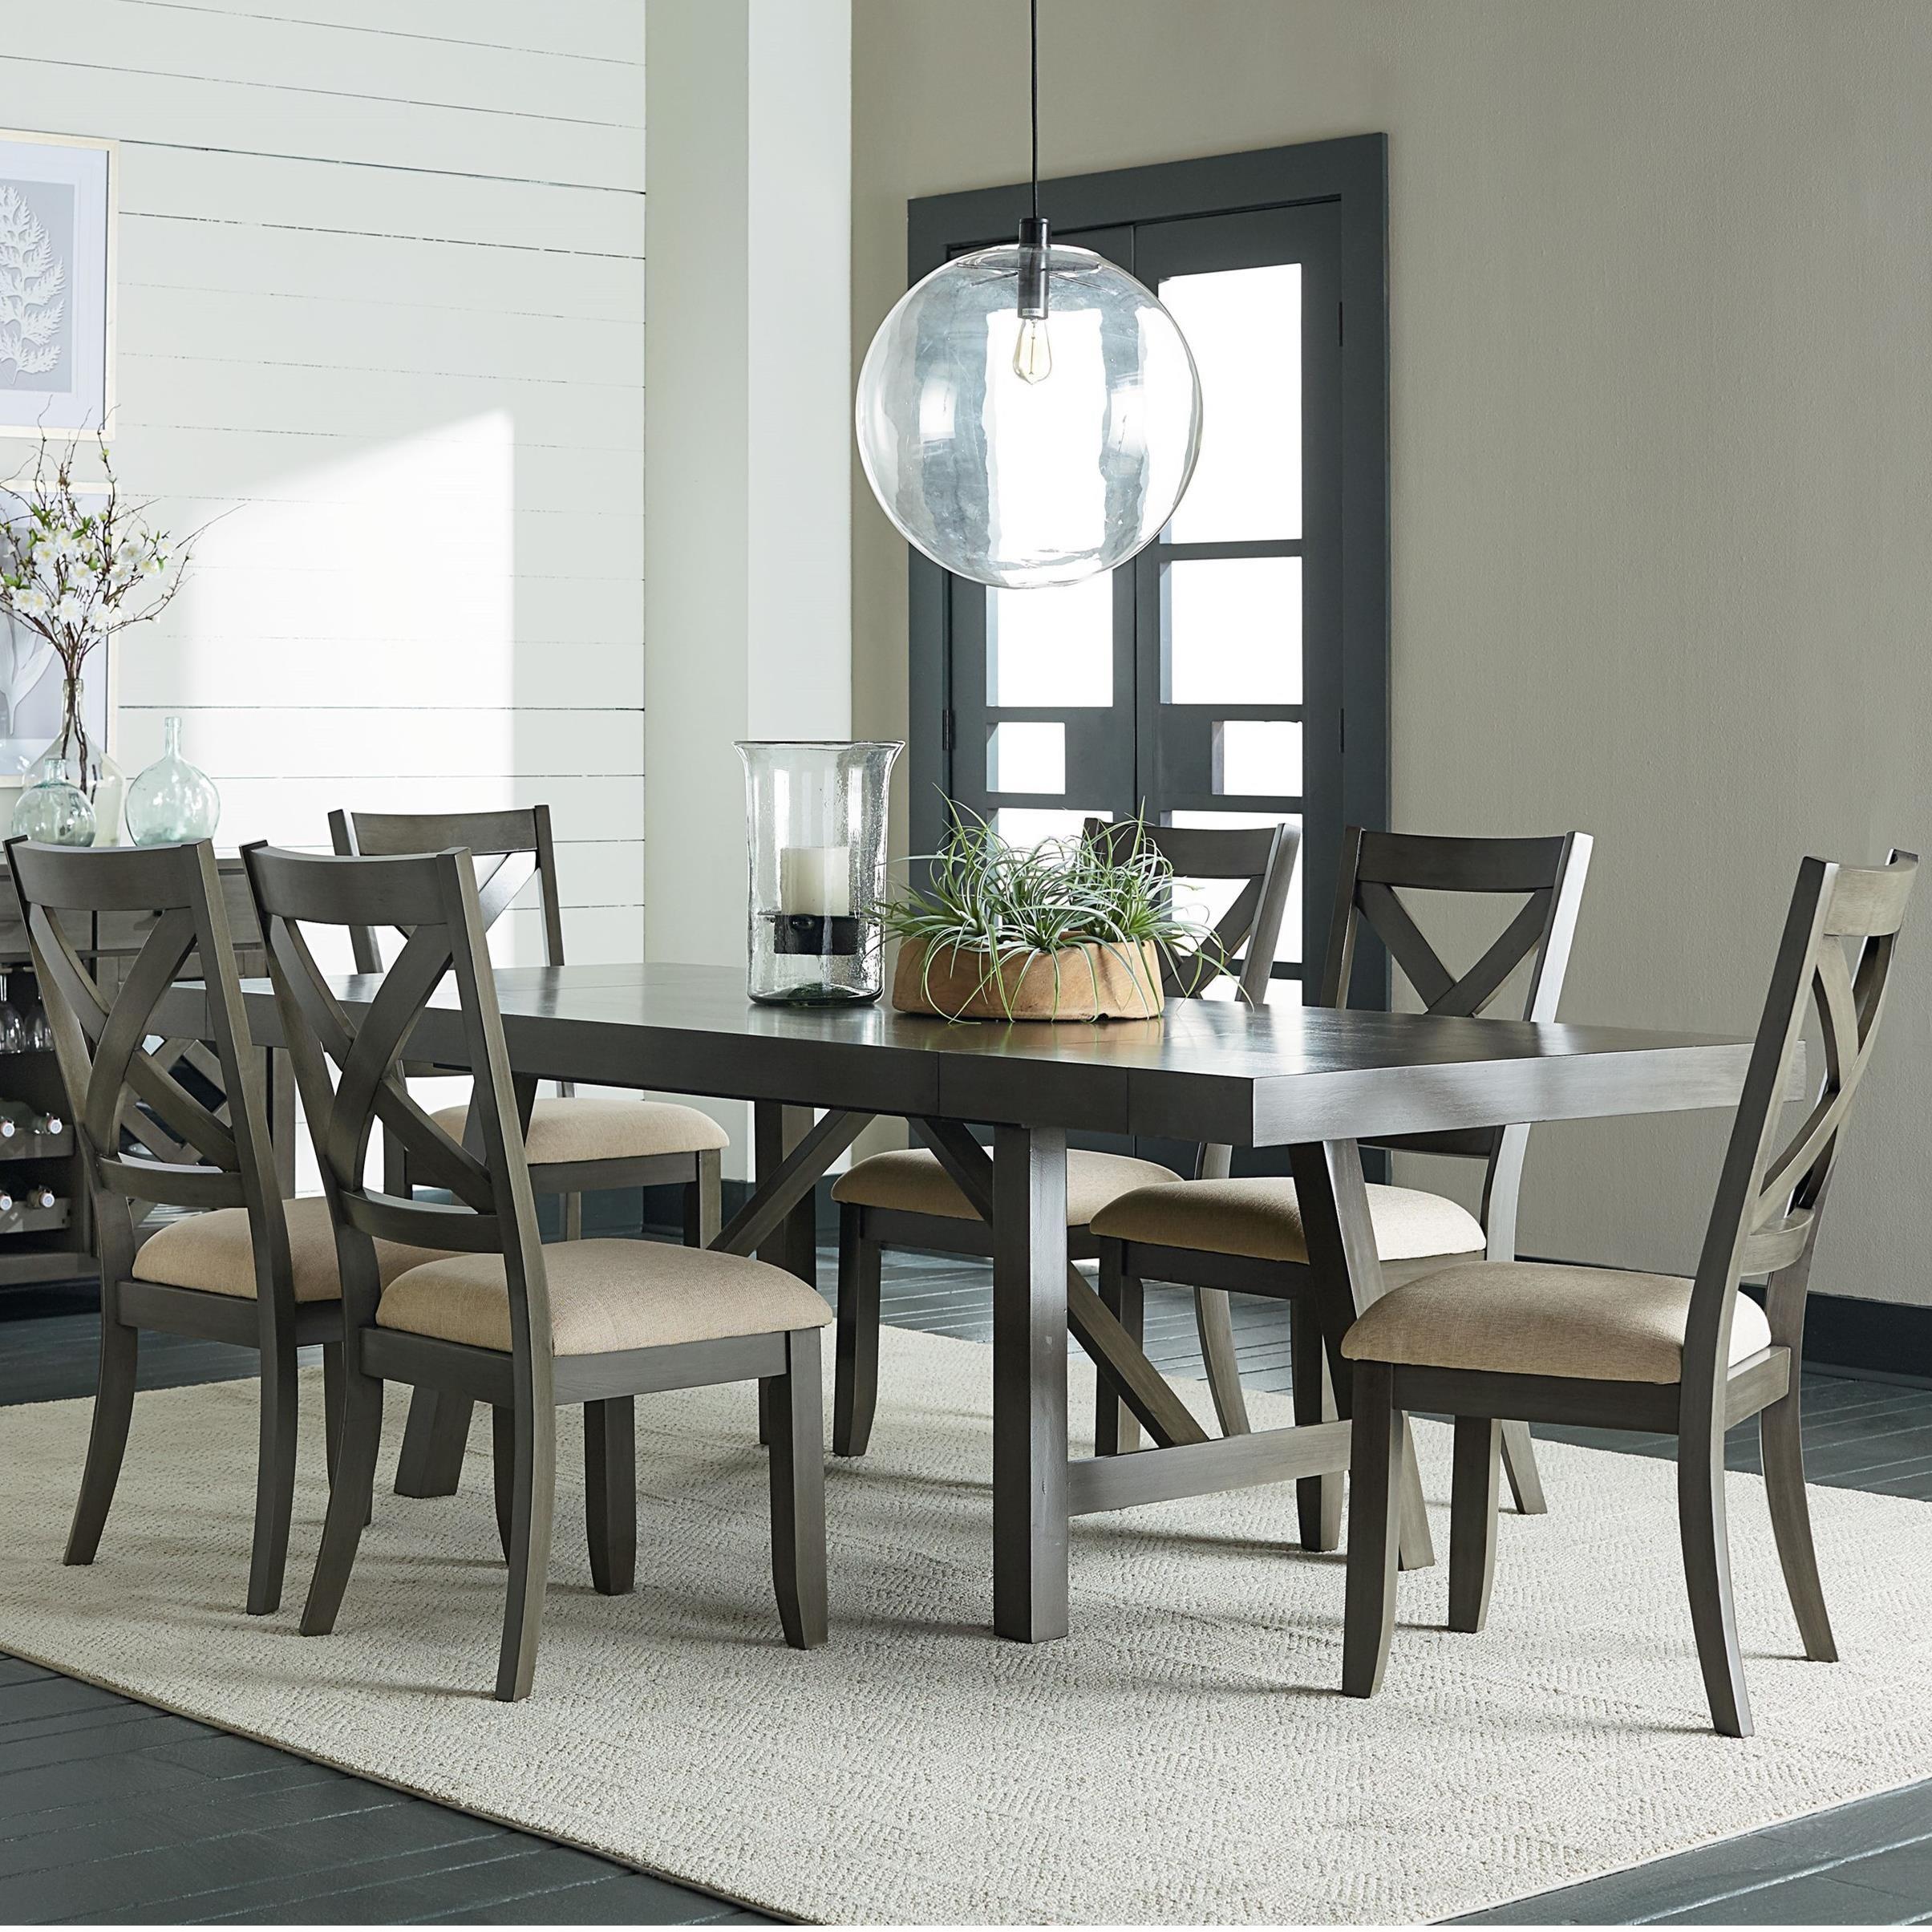 Standard Furniture Omaha GreyTrestle Table Dining Set ...